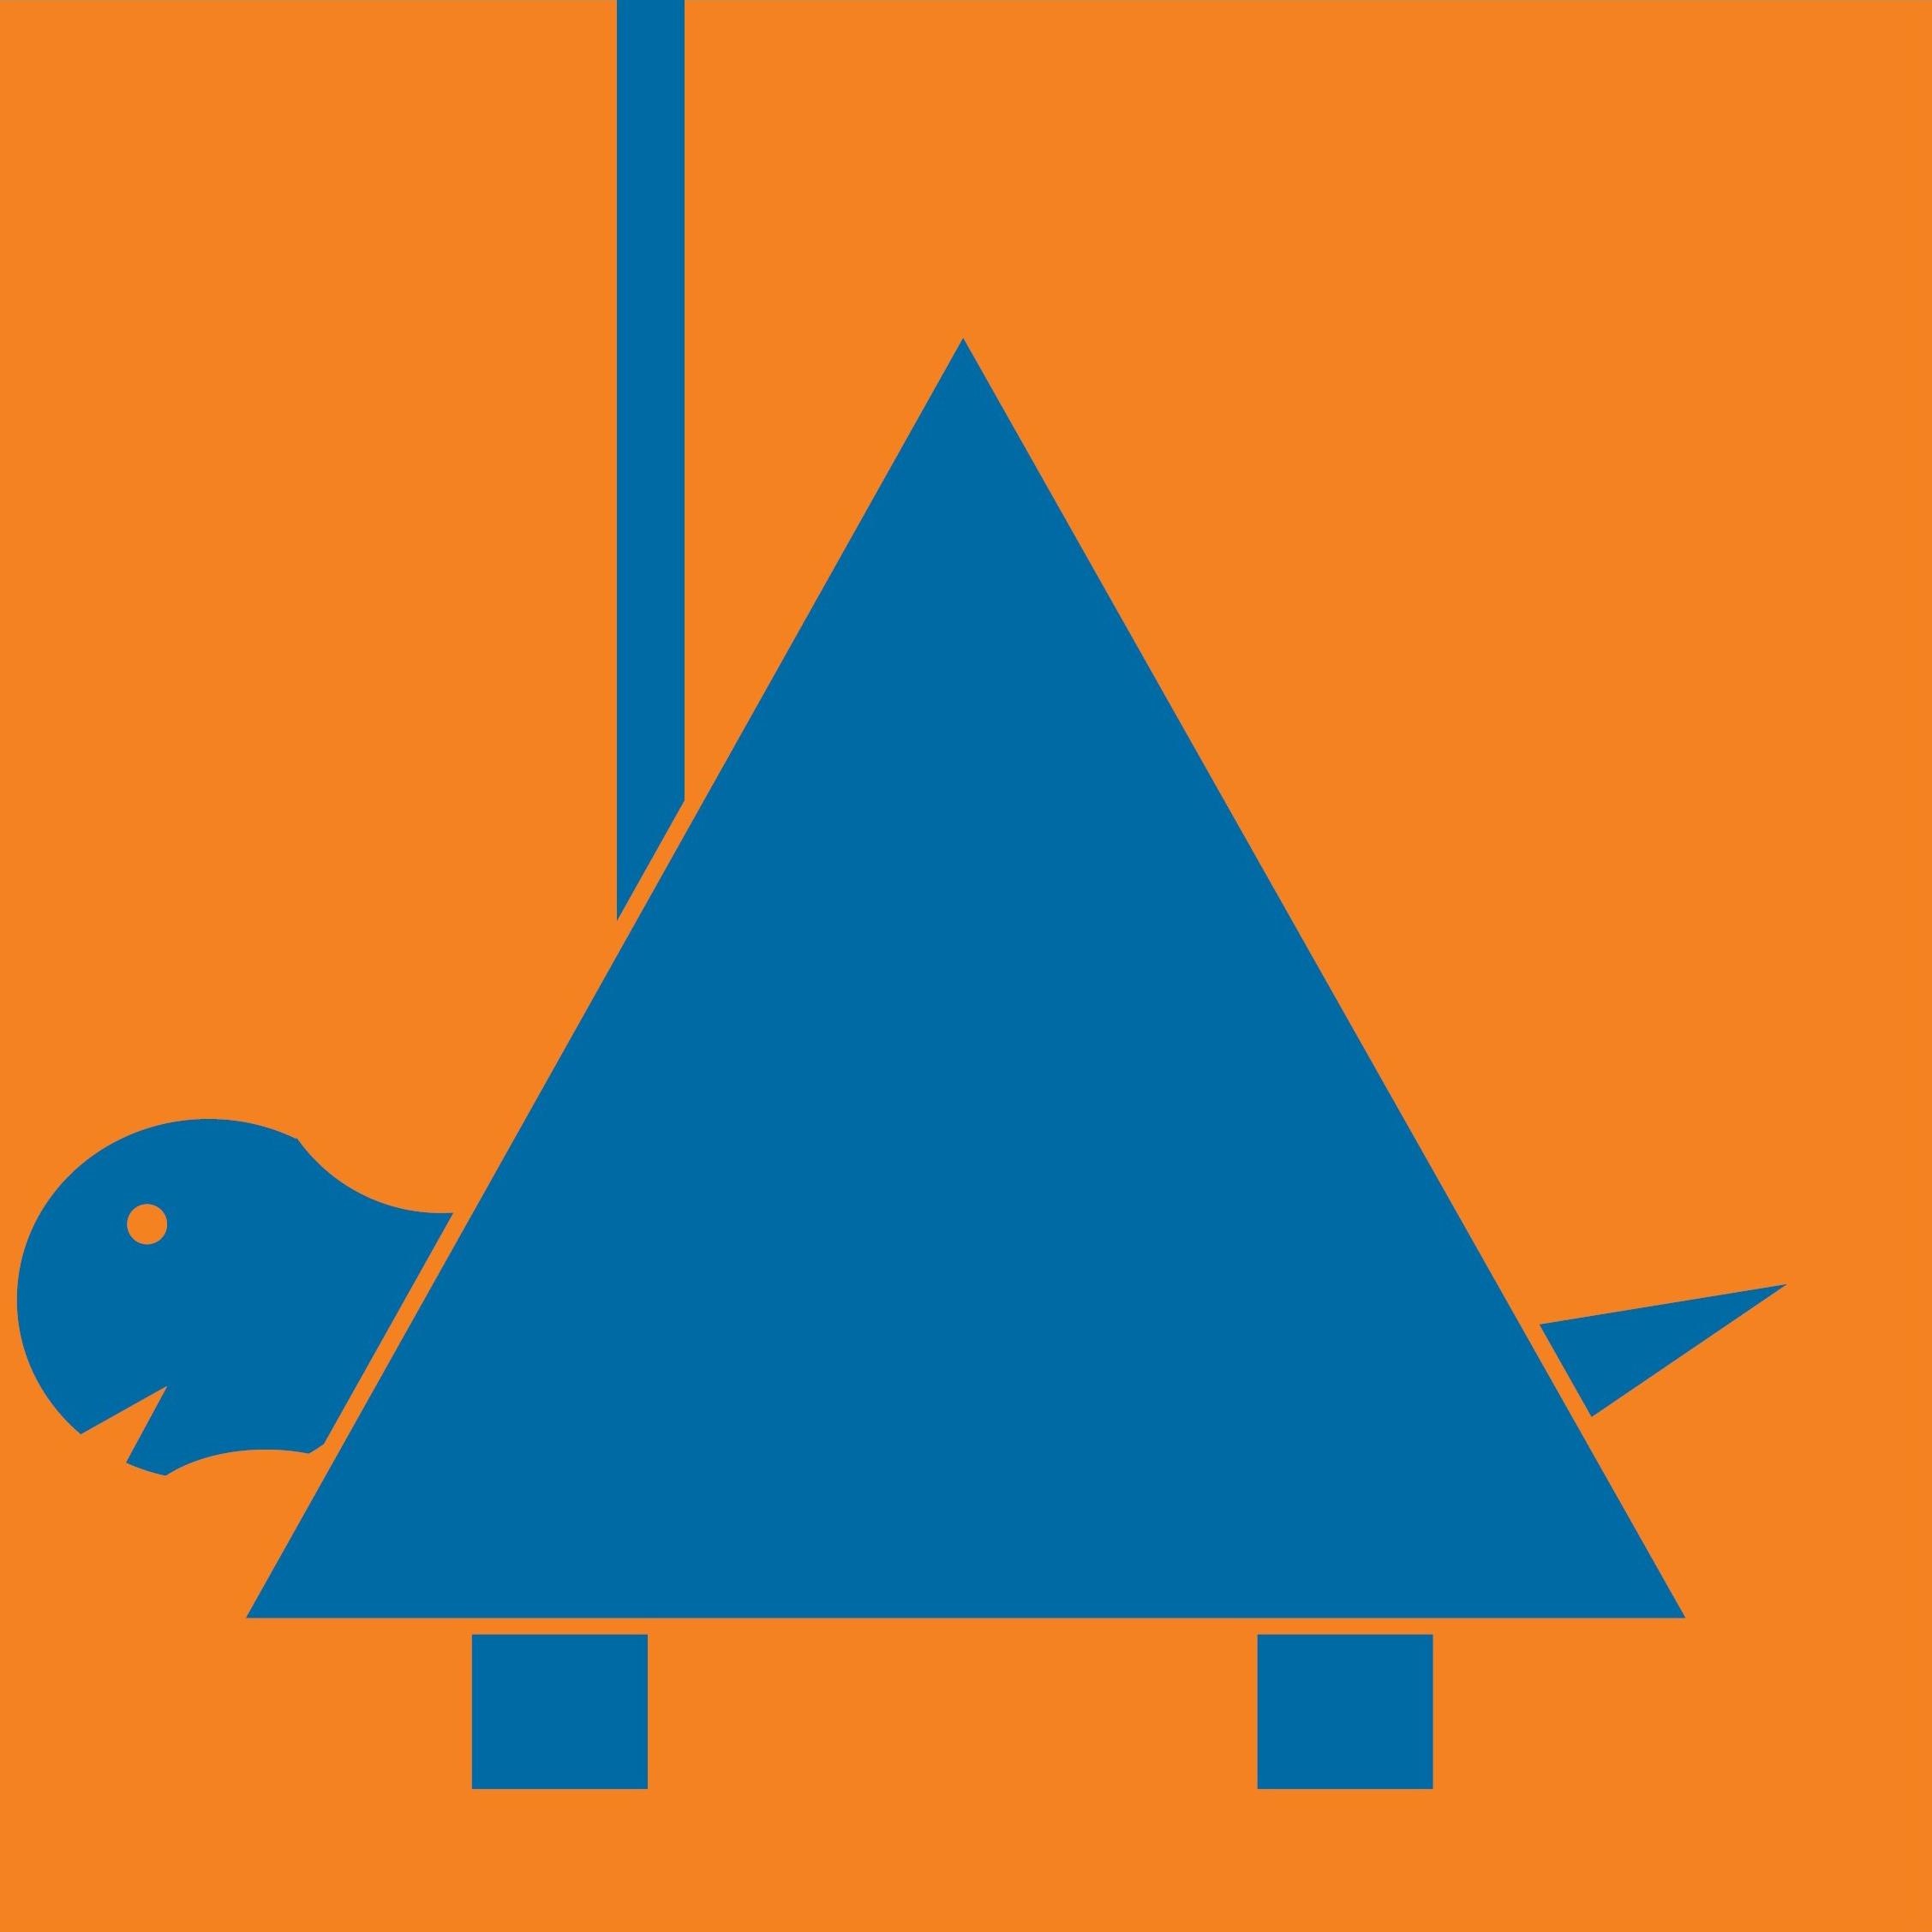 En blå sköldpadda mot en orange bakgrund